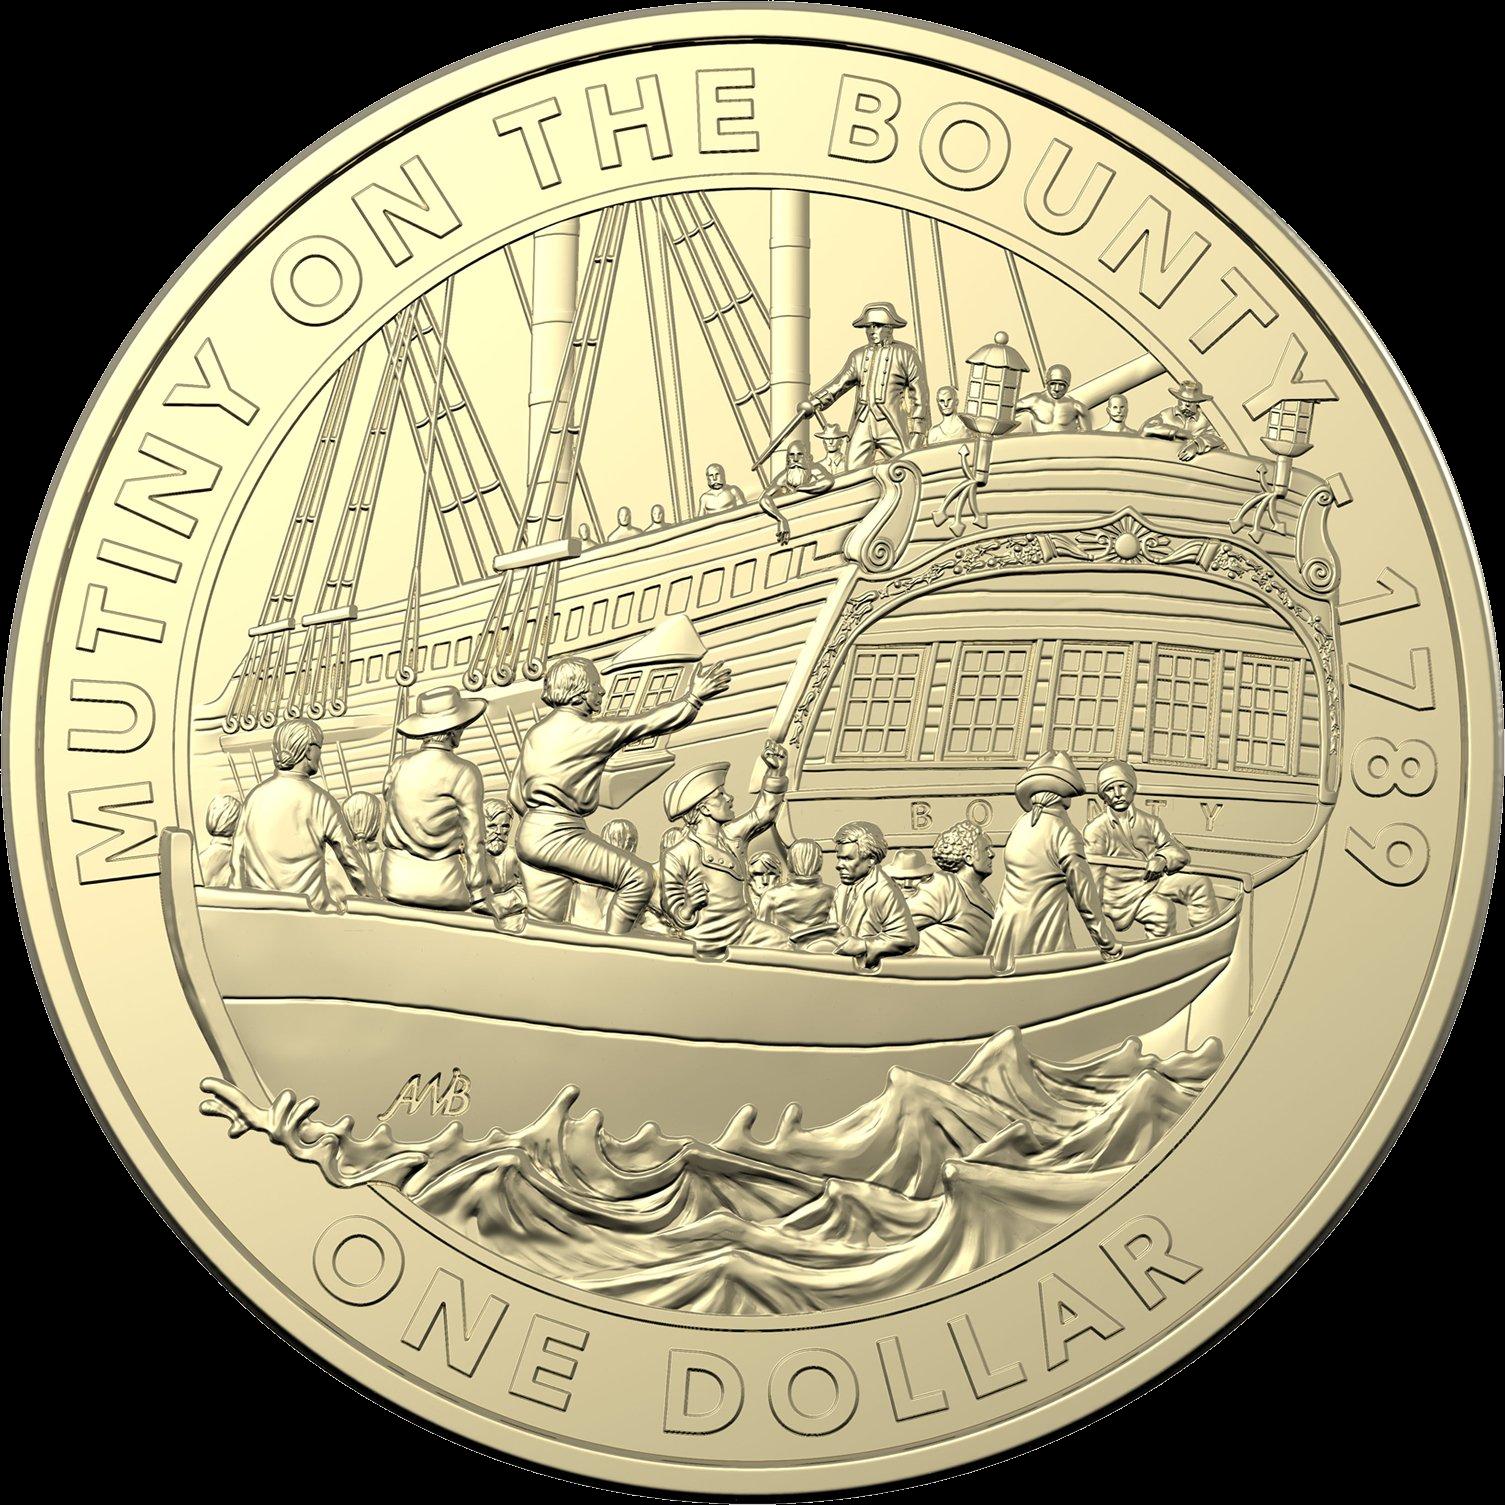 Австралия монета 1 доллар Мятеж на Баунти, реверс